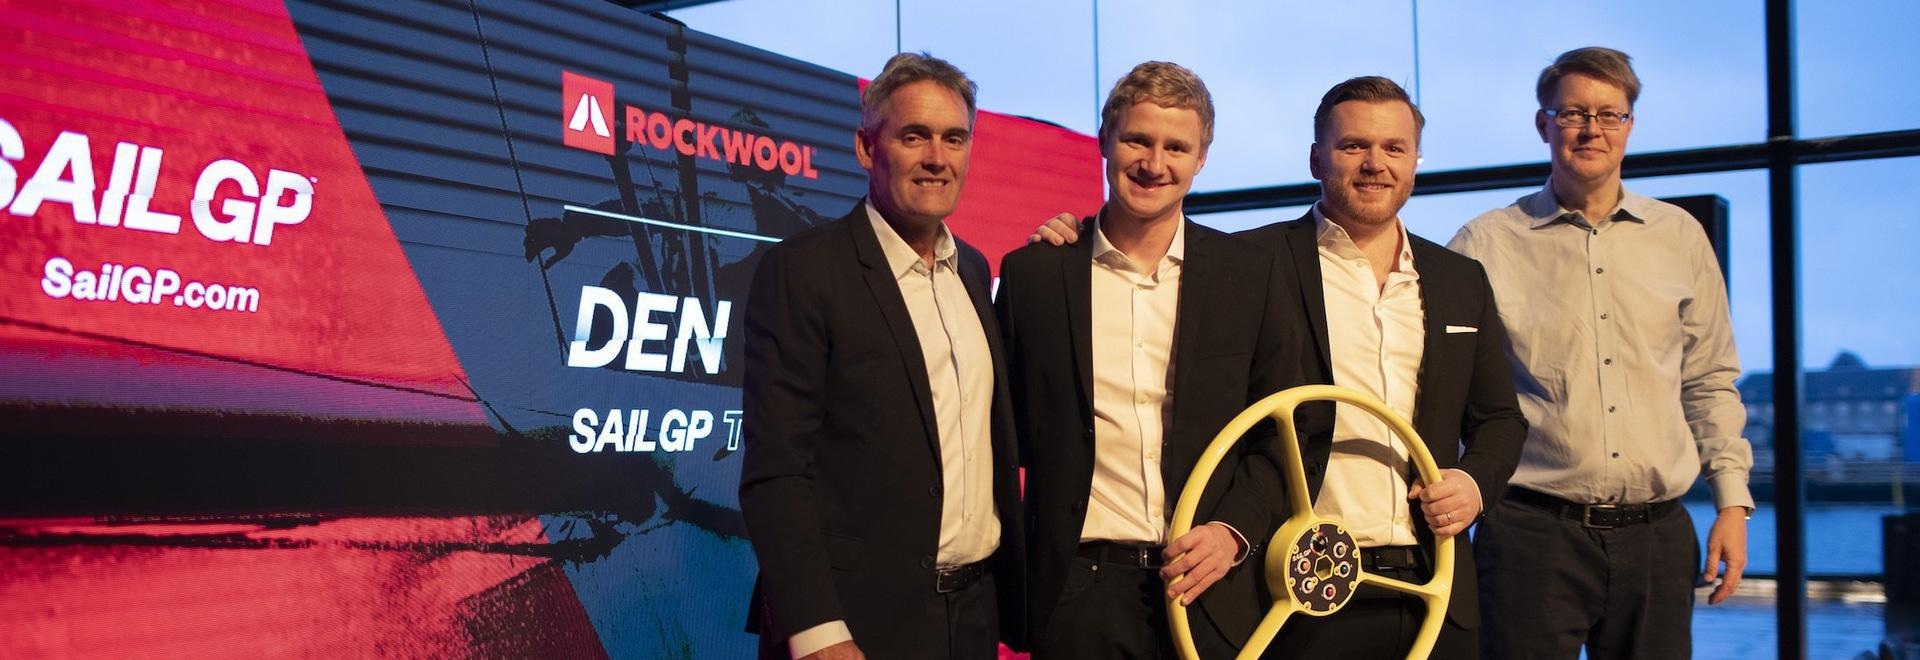 SailGP annonce que l'équipe du Danemark SailGP Team présentée par ROCKWOOL rejoindra une équipe de classe mondiale pour la Saison 2